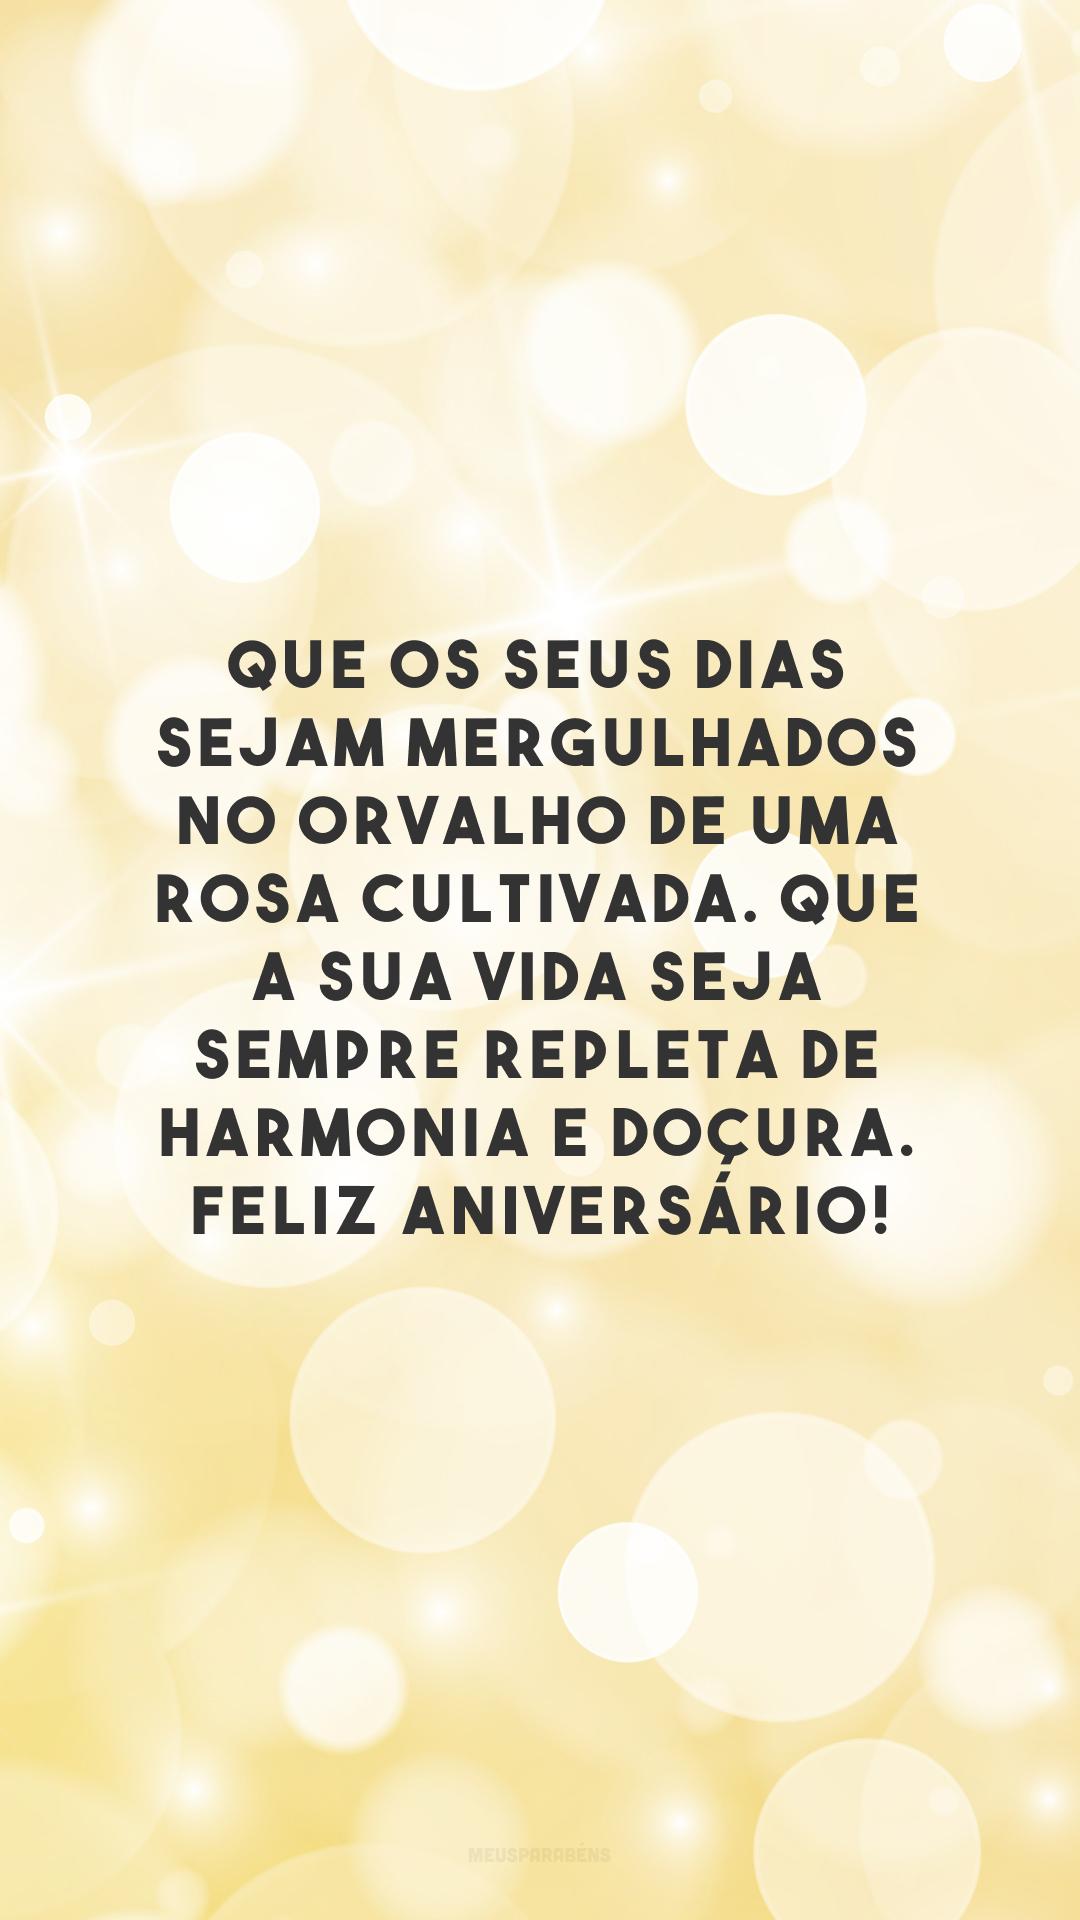 Que os seus dias sejam mergulhados no orvalho de uma rosa cultivada. Que a sua vida seja sempre repleta de harmonia e doçura. Feliz aniversário!